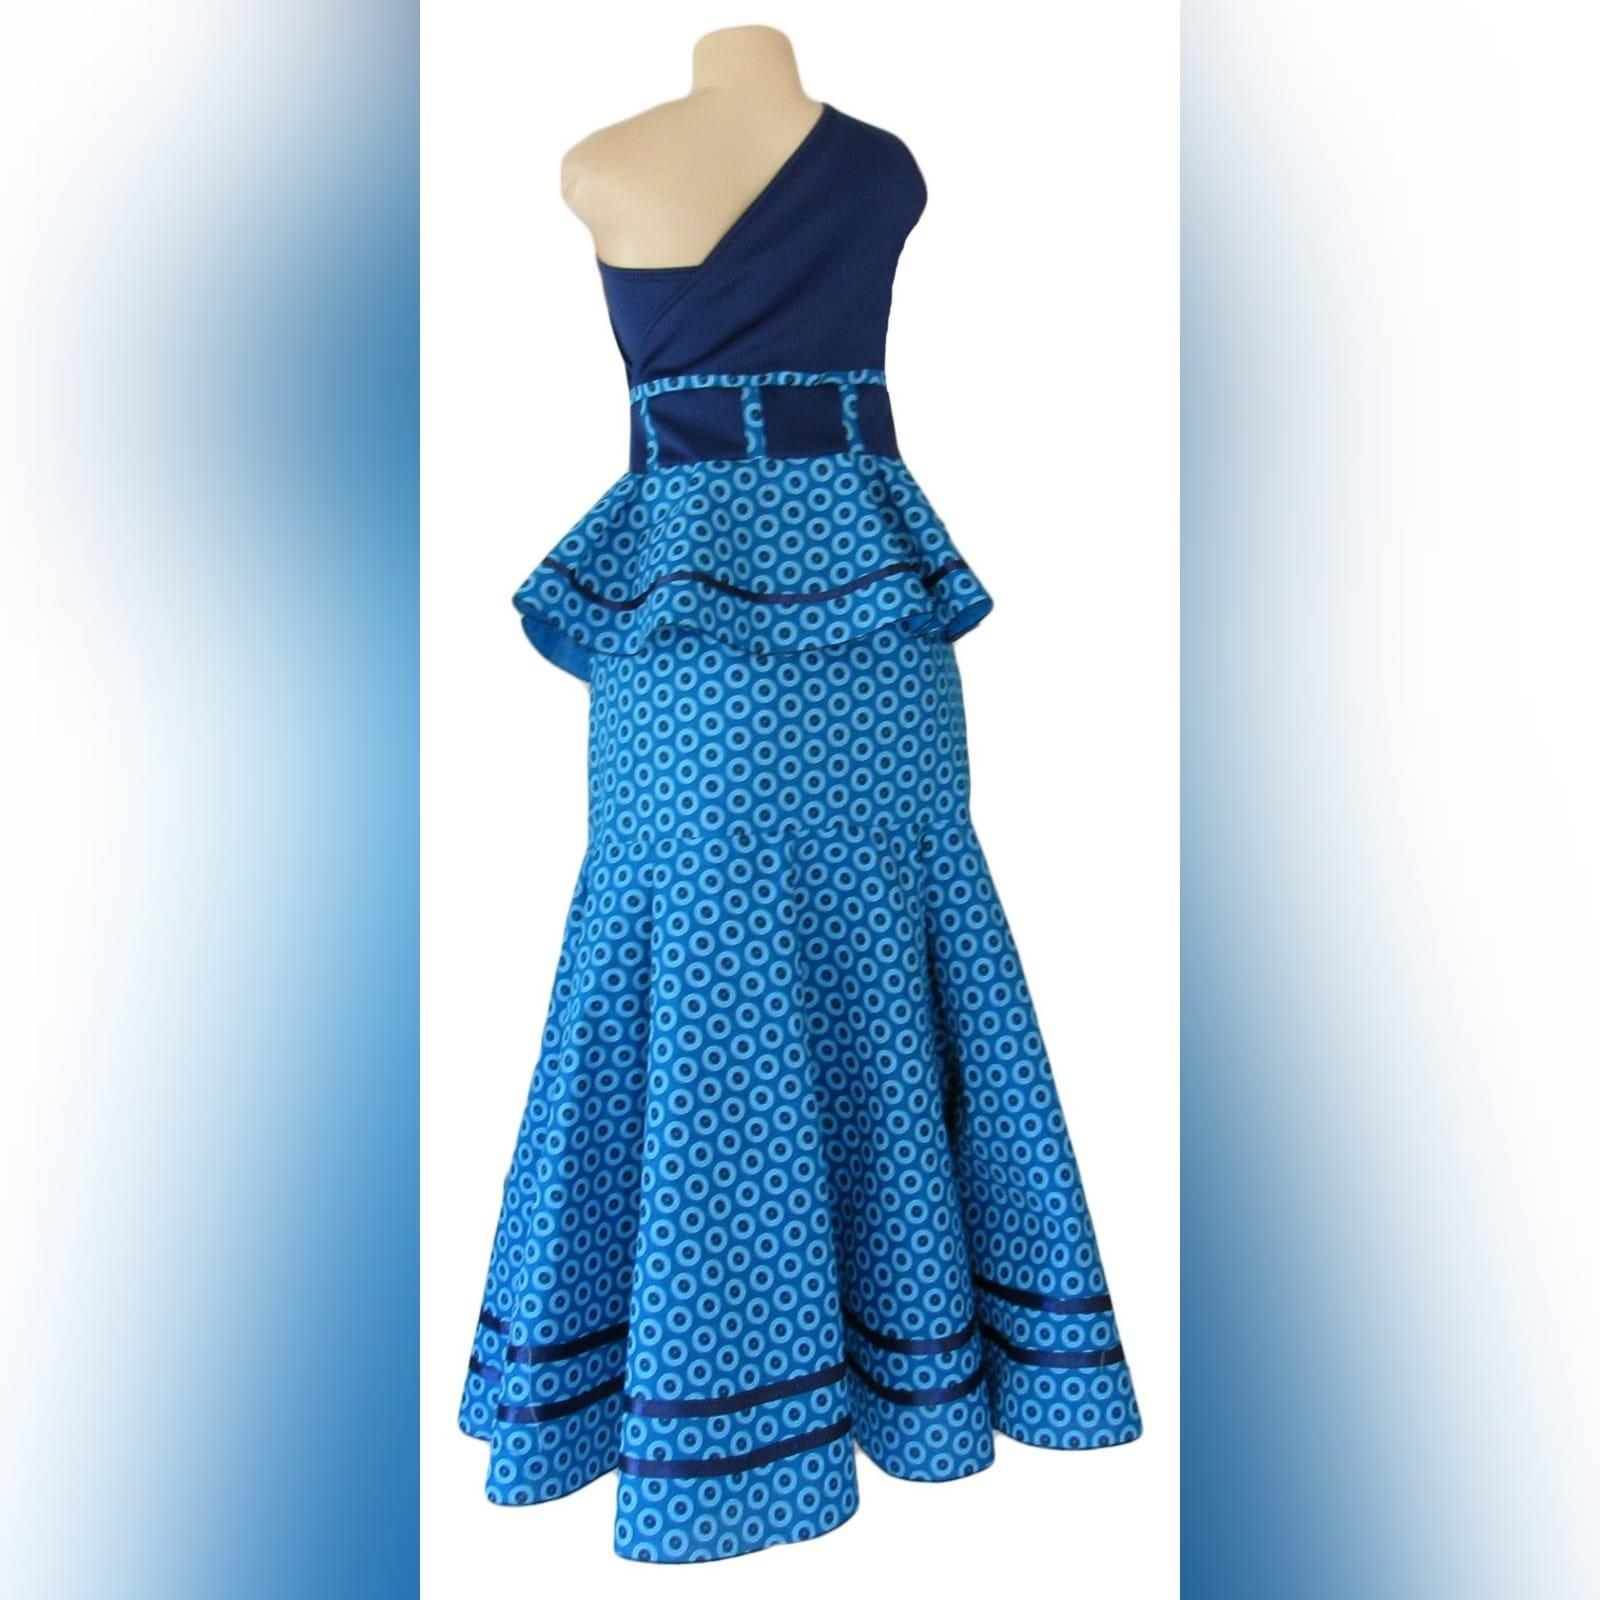 Vestido azul africano tradicional moderno e familia 4 vestido moderno de shweshwe azul, tradicional sul-africano com um design de um ombro, efeito de cinto e um folho. Com vestido de meninas combinando e camisa de homem combinando.